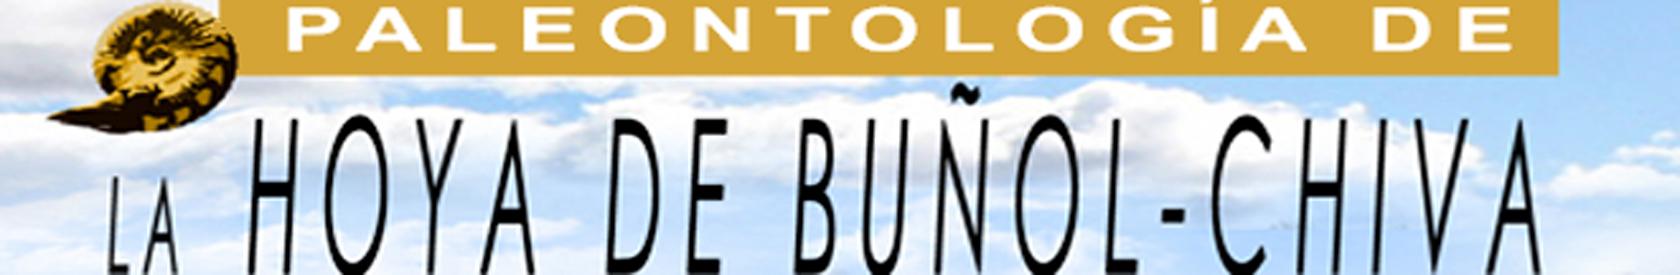 Paleontología de la Hoya de Buñol-Chiva: del Jurásico marino a las sabanas del Mioceno